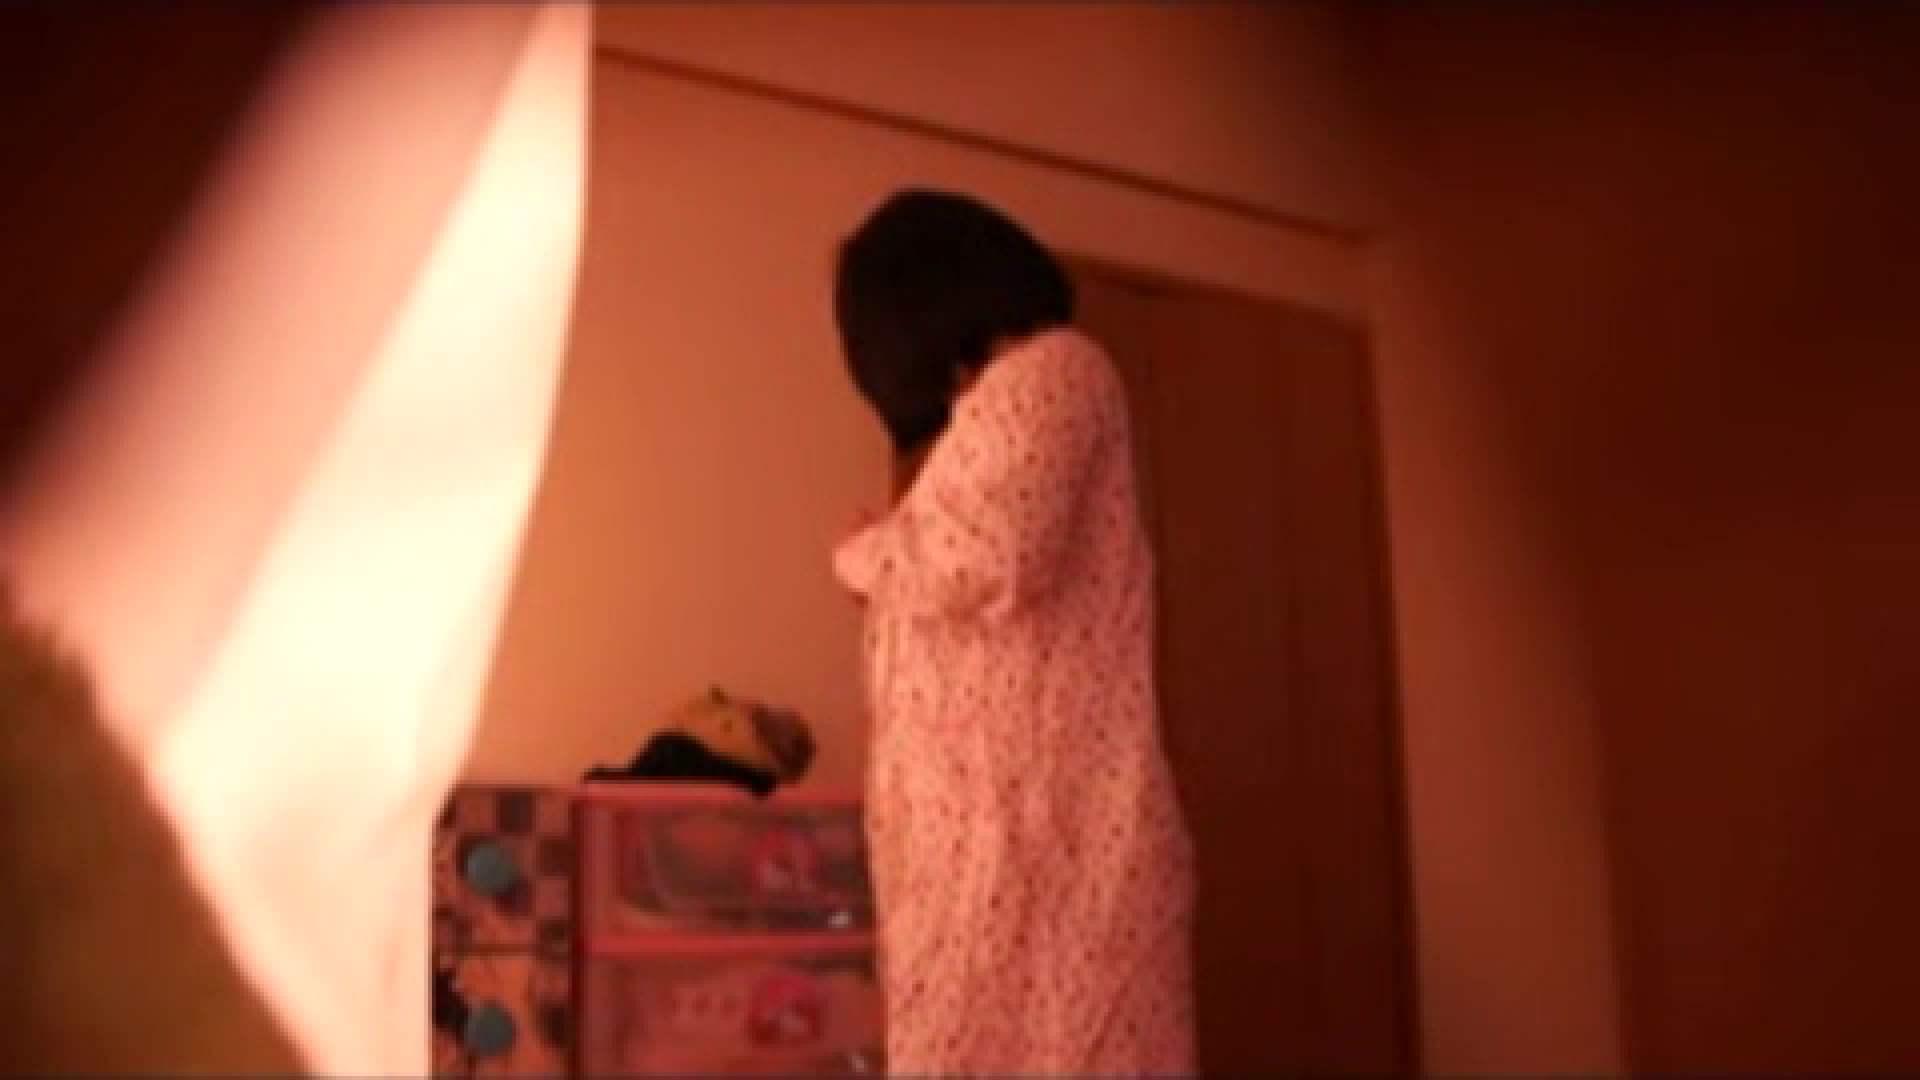 エッチ 熟女 vol.2 まりこさんのお着替え、就寝前の映像です。 怪盗ジョーカー